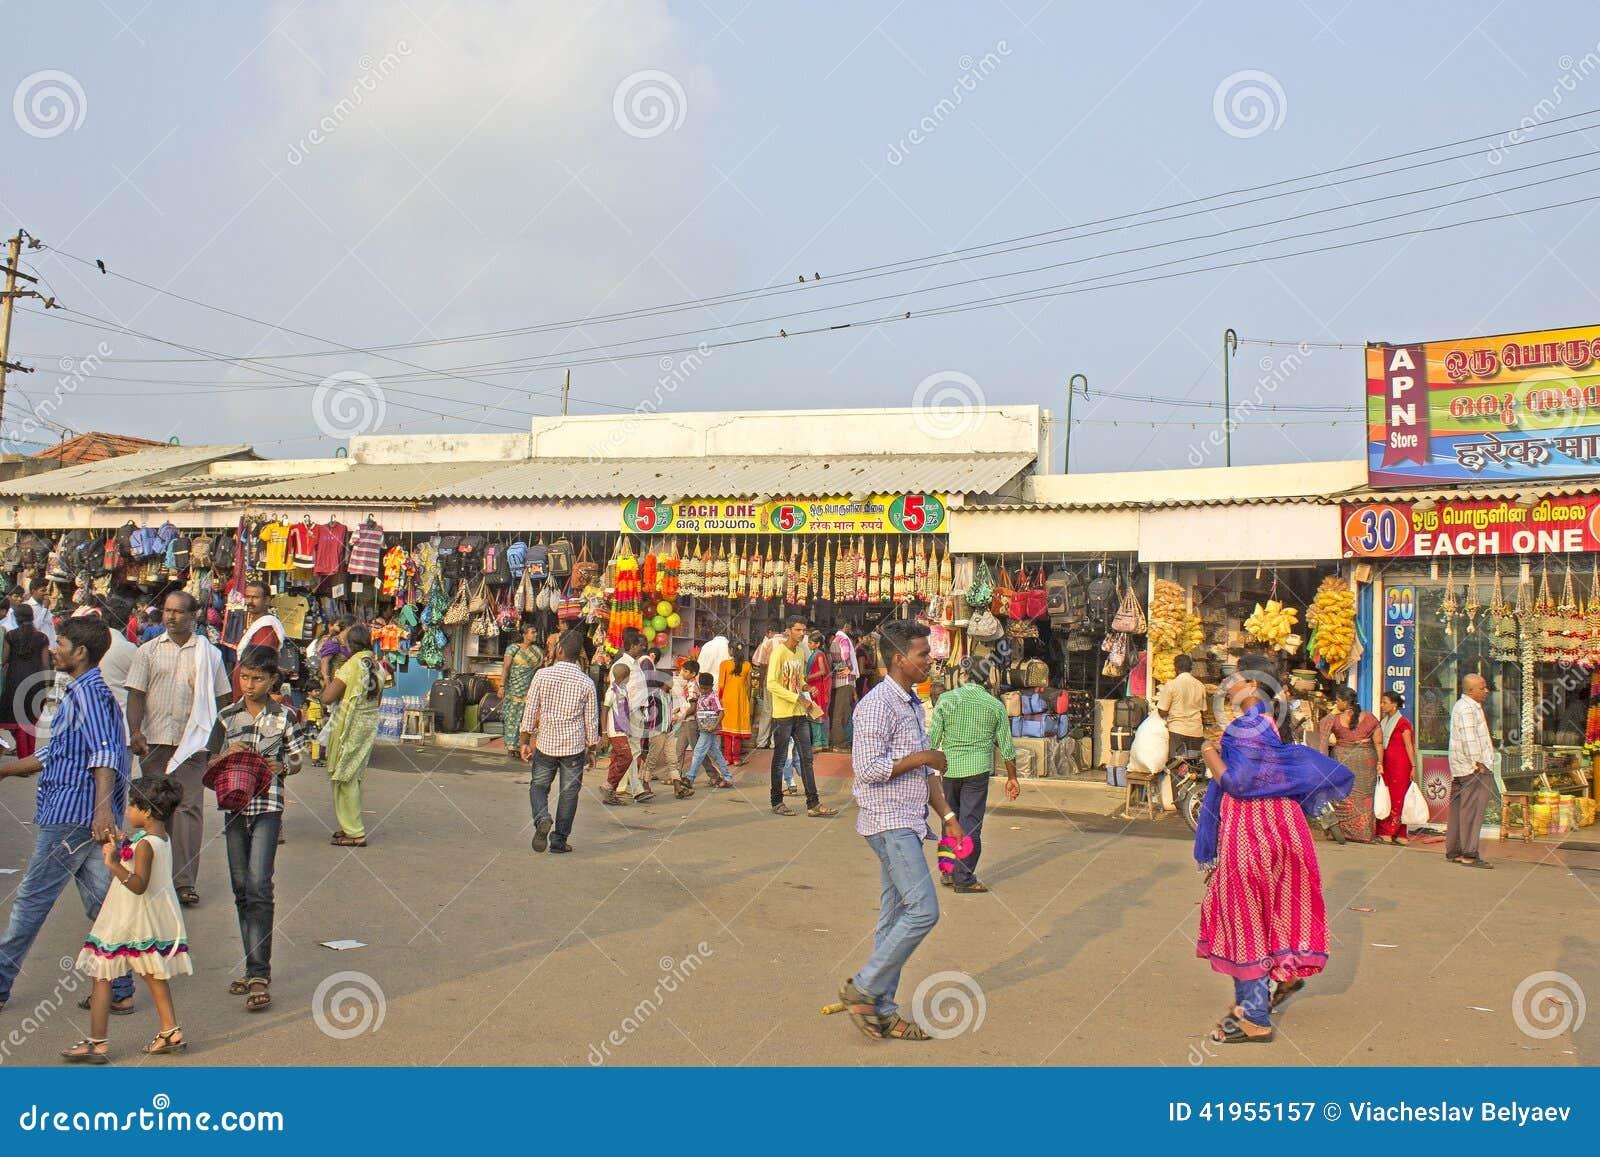 Supermarket business plan in tamil nadu